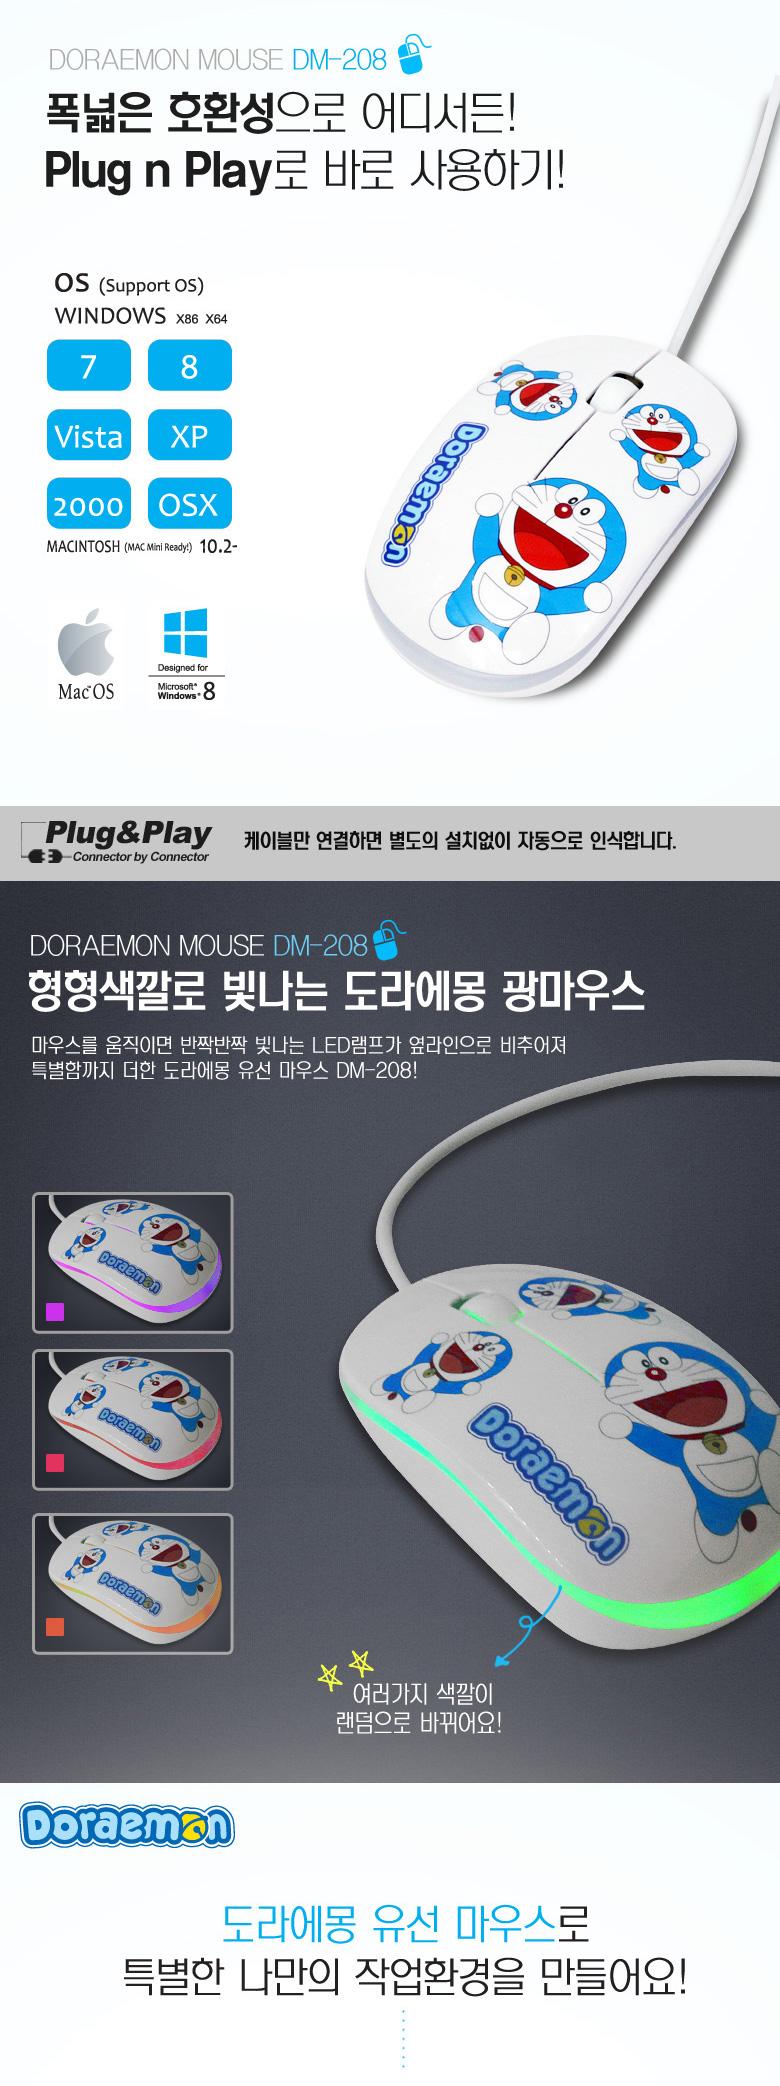 도라에몽 LED 램프 유선마우스 DM-2088,900원-레토디지털/핸드폰, PC주변기기, 마우스, 유선마우스바보사랑도라에몽 LED 램프 유선마우스 DM-2088,900원-레토디지털/핸드폰, PC주변기기, 마우스, 유선마우스바보사랑